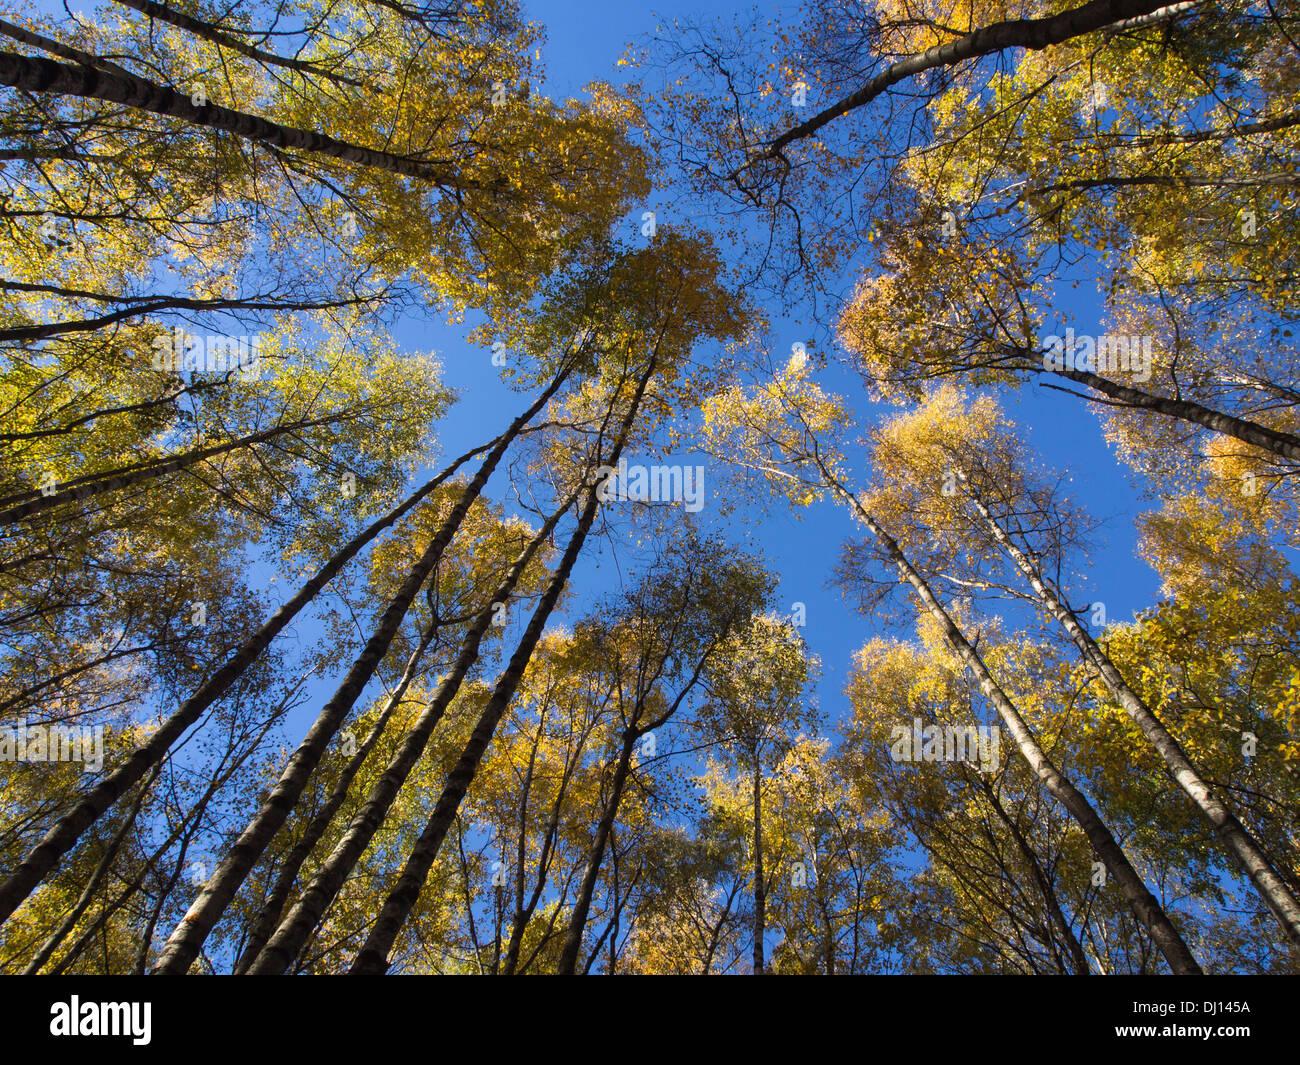 L'automne dans une forêt de bouleaux jusqu'à la cime des arbres avec des feuilles jaunes sur, et un ciel bleu, Oslo Norvège Photo Stock